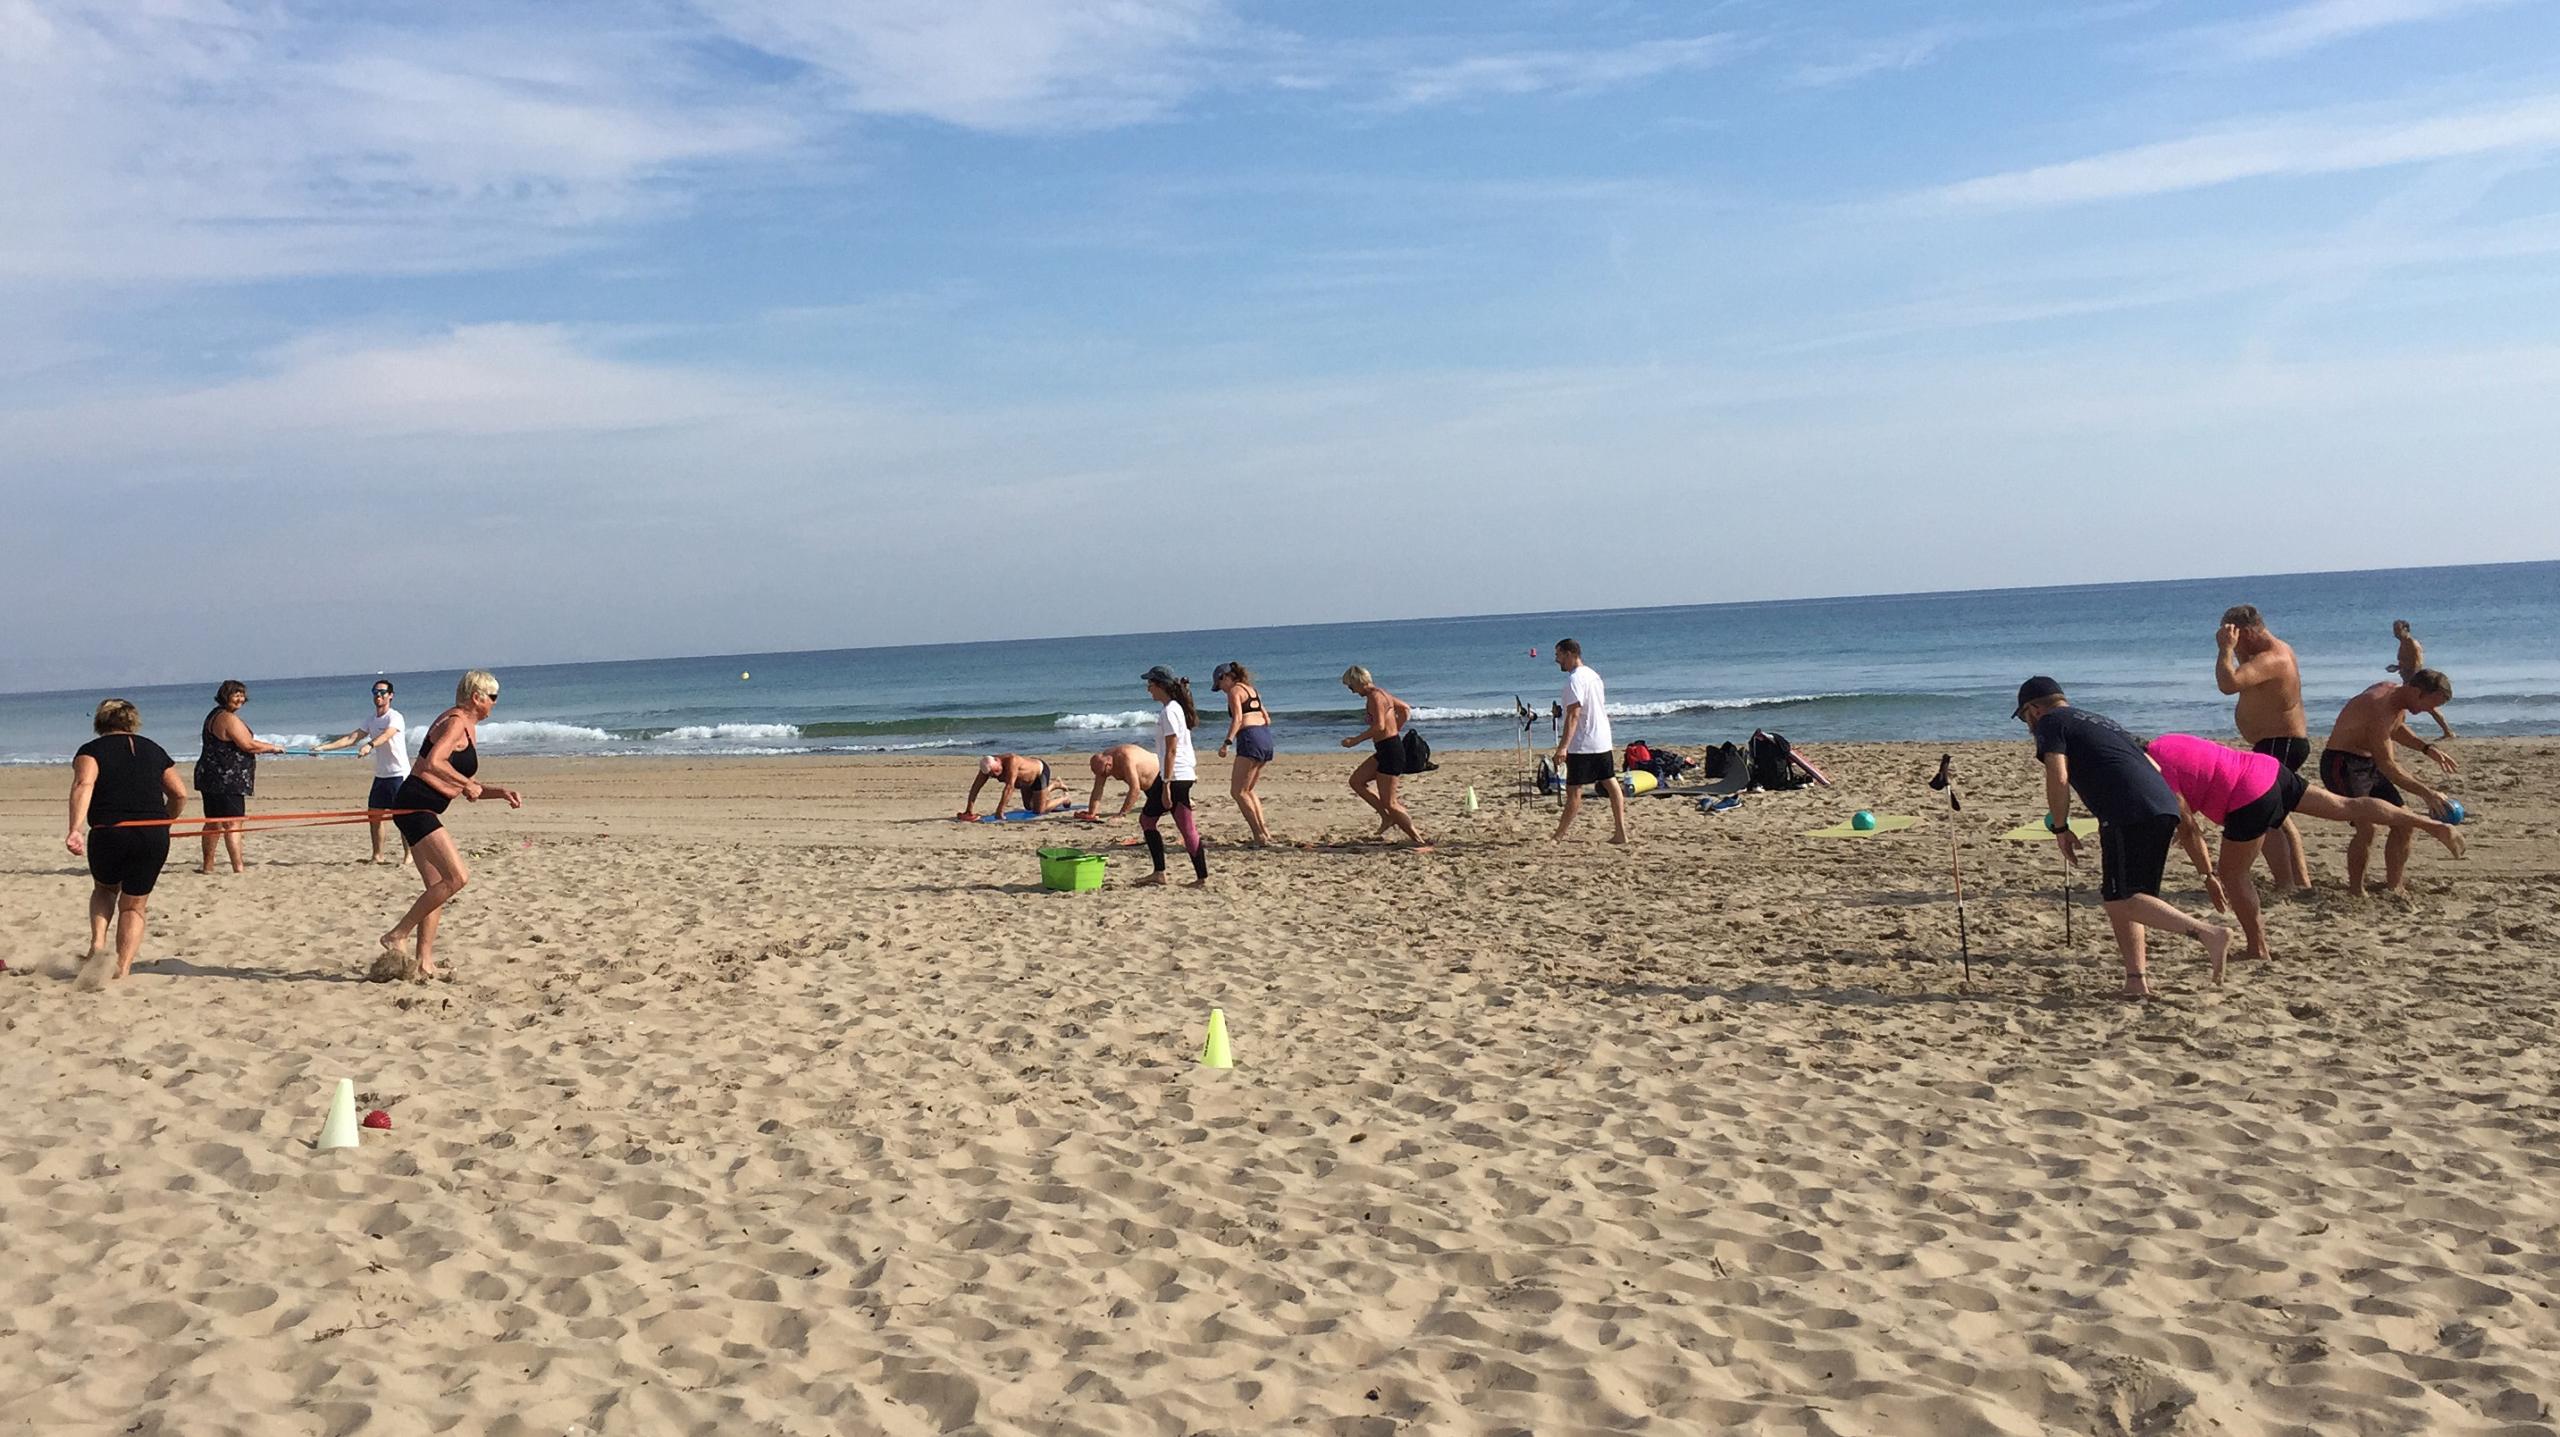 En gjeng som trener ulike øvelser på en sandstrand